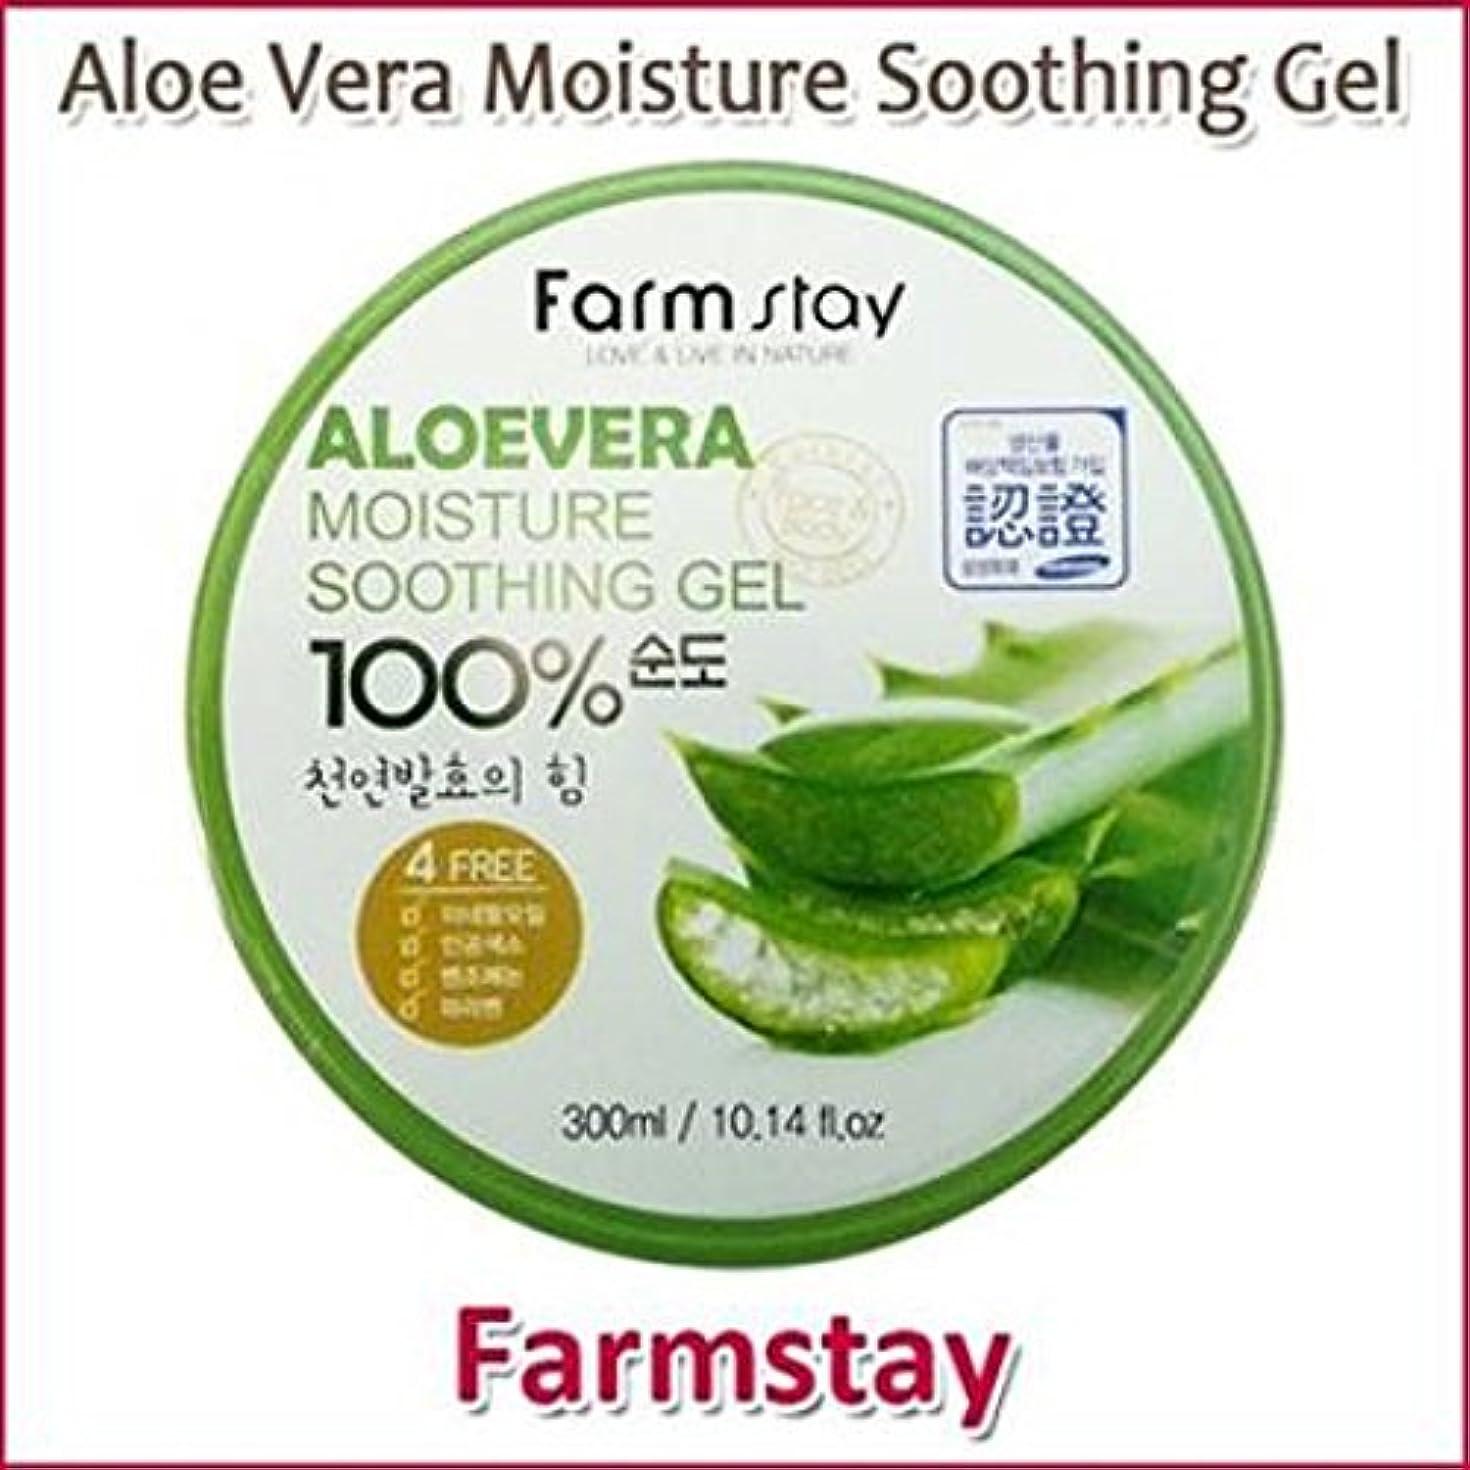 広まったバリケードギャングFarm Stay Aloe Vera Moisture Soothing Gel 300ml /オーガニック アロエベラゲル 100%/保湿ケア/韓国コスメ/Aloe Vera 100% /Moisturizing [...